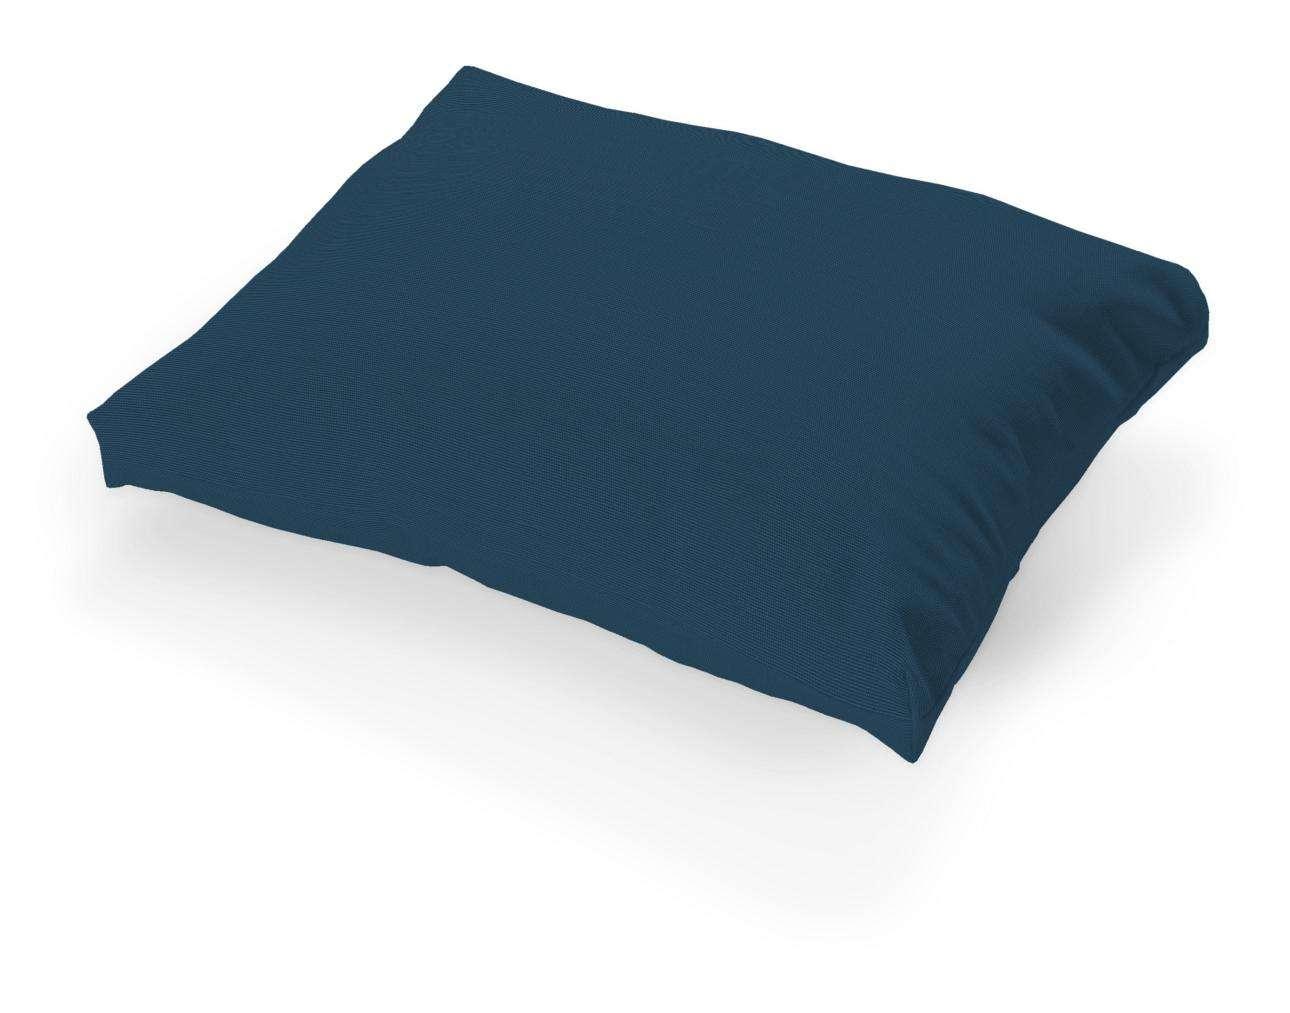 Tylösand pagalvėlės užvalkalas Tylösand pagalvėlė kolekcijoje Cotton Panama, audinys: 702-30